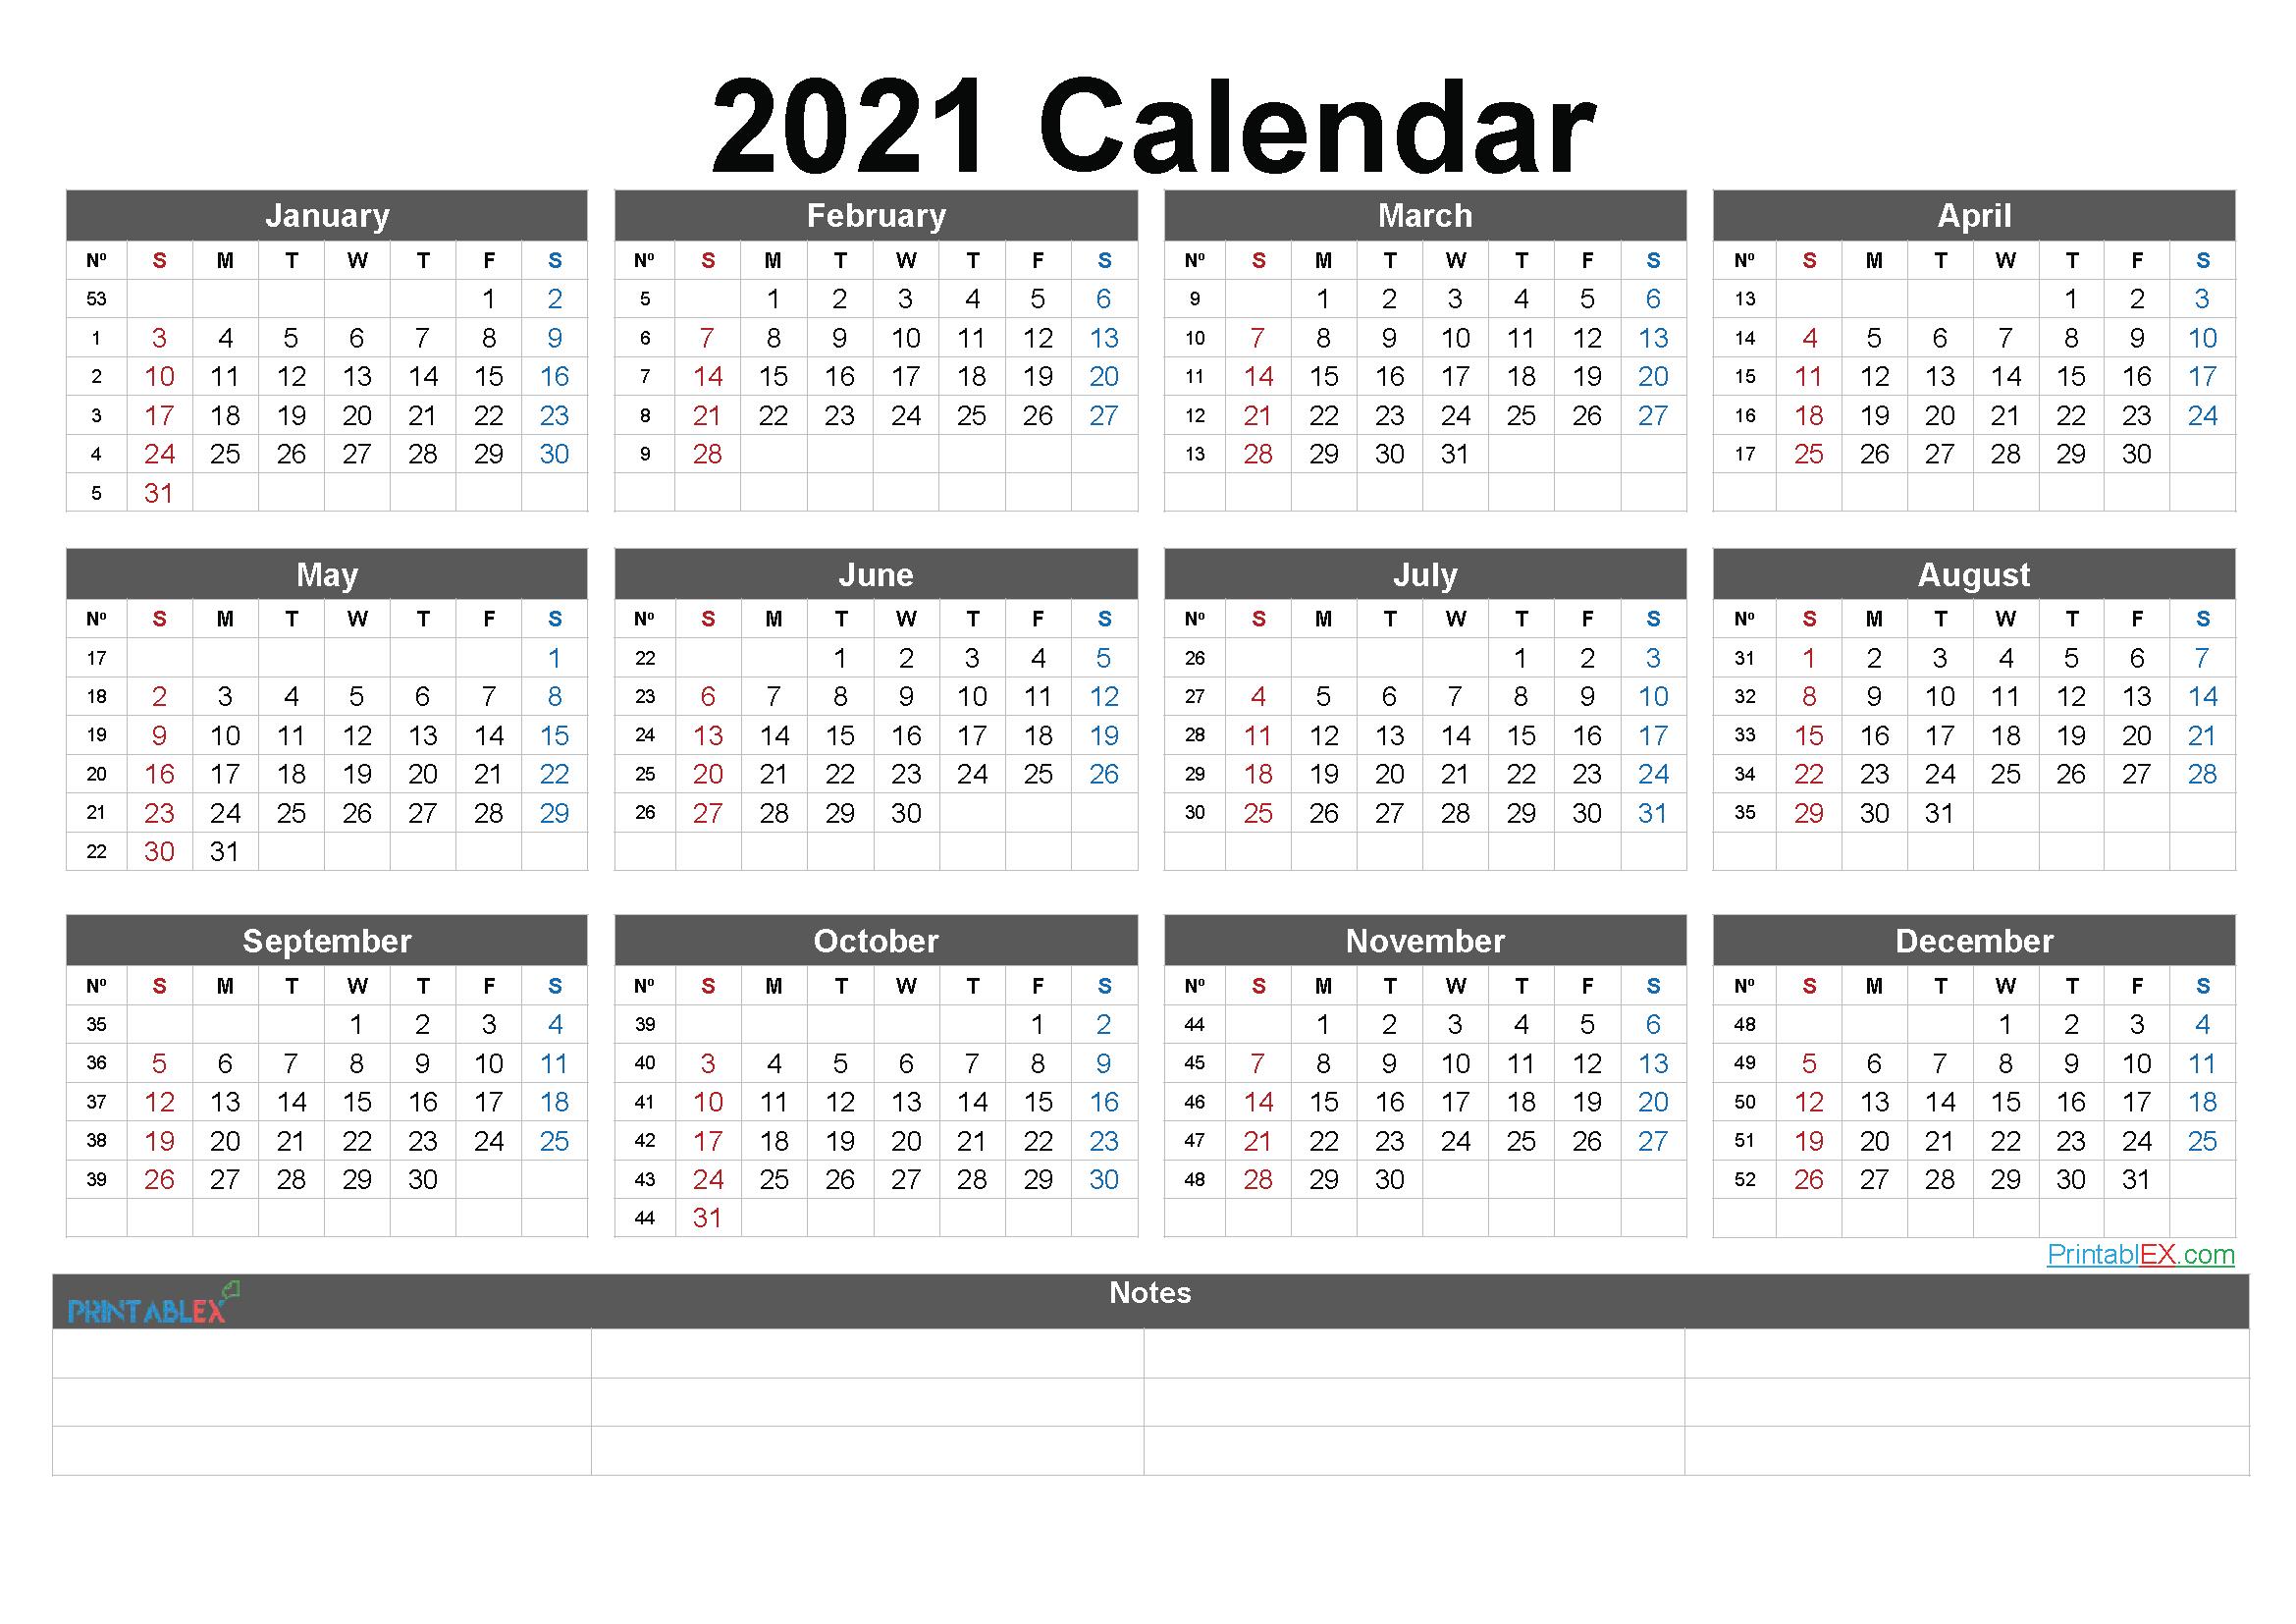 2021 Calendar In Excelweek | Calendar Printables Free  Free 2021 Calendar Printable